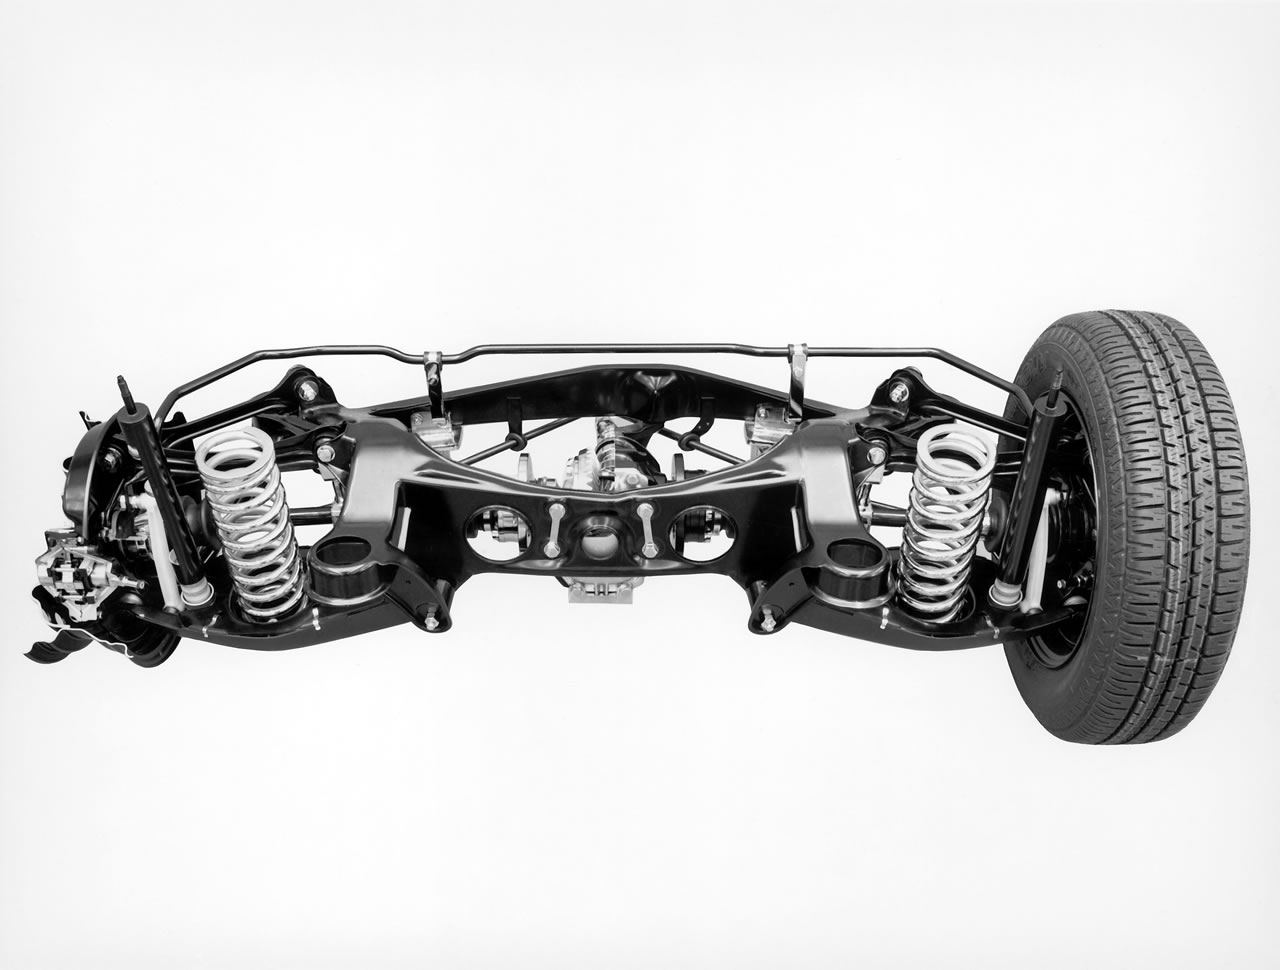 multilink suspension